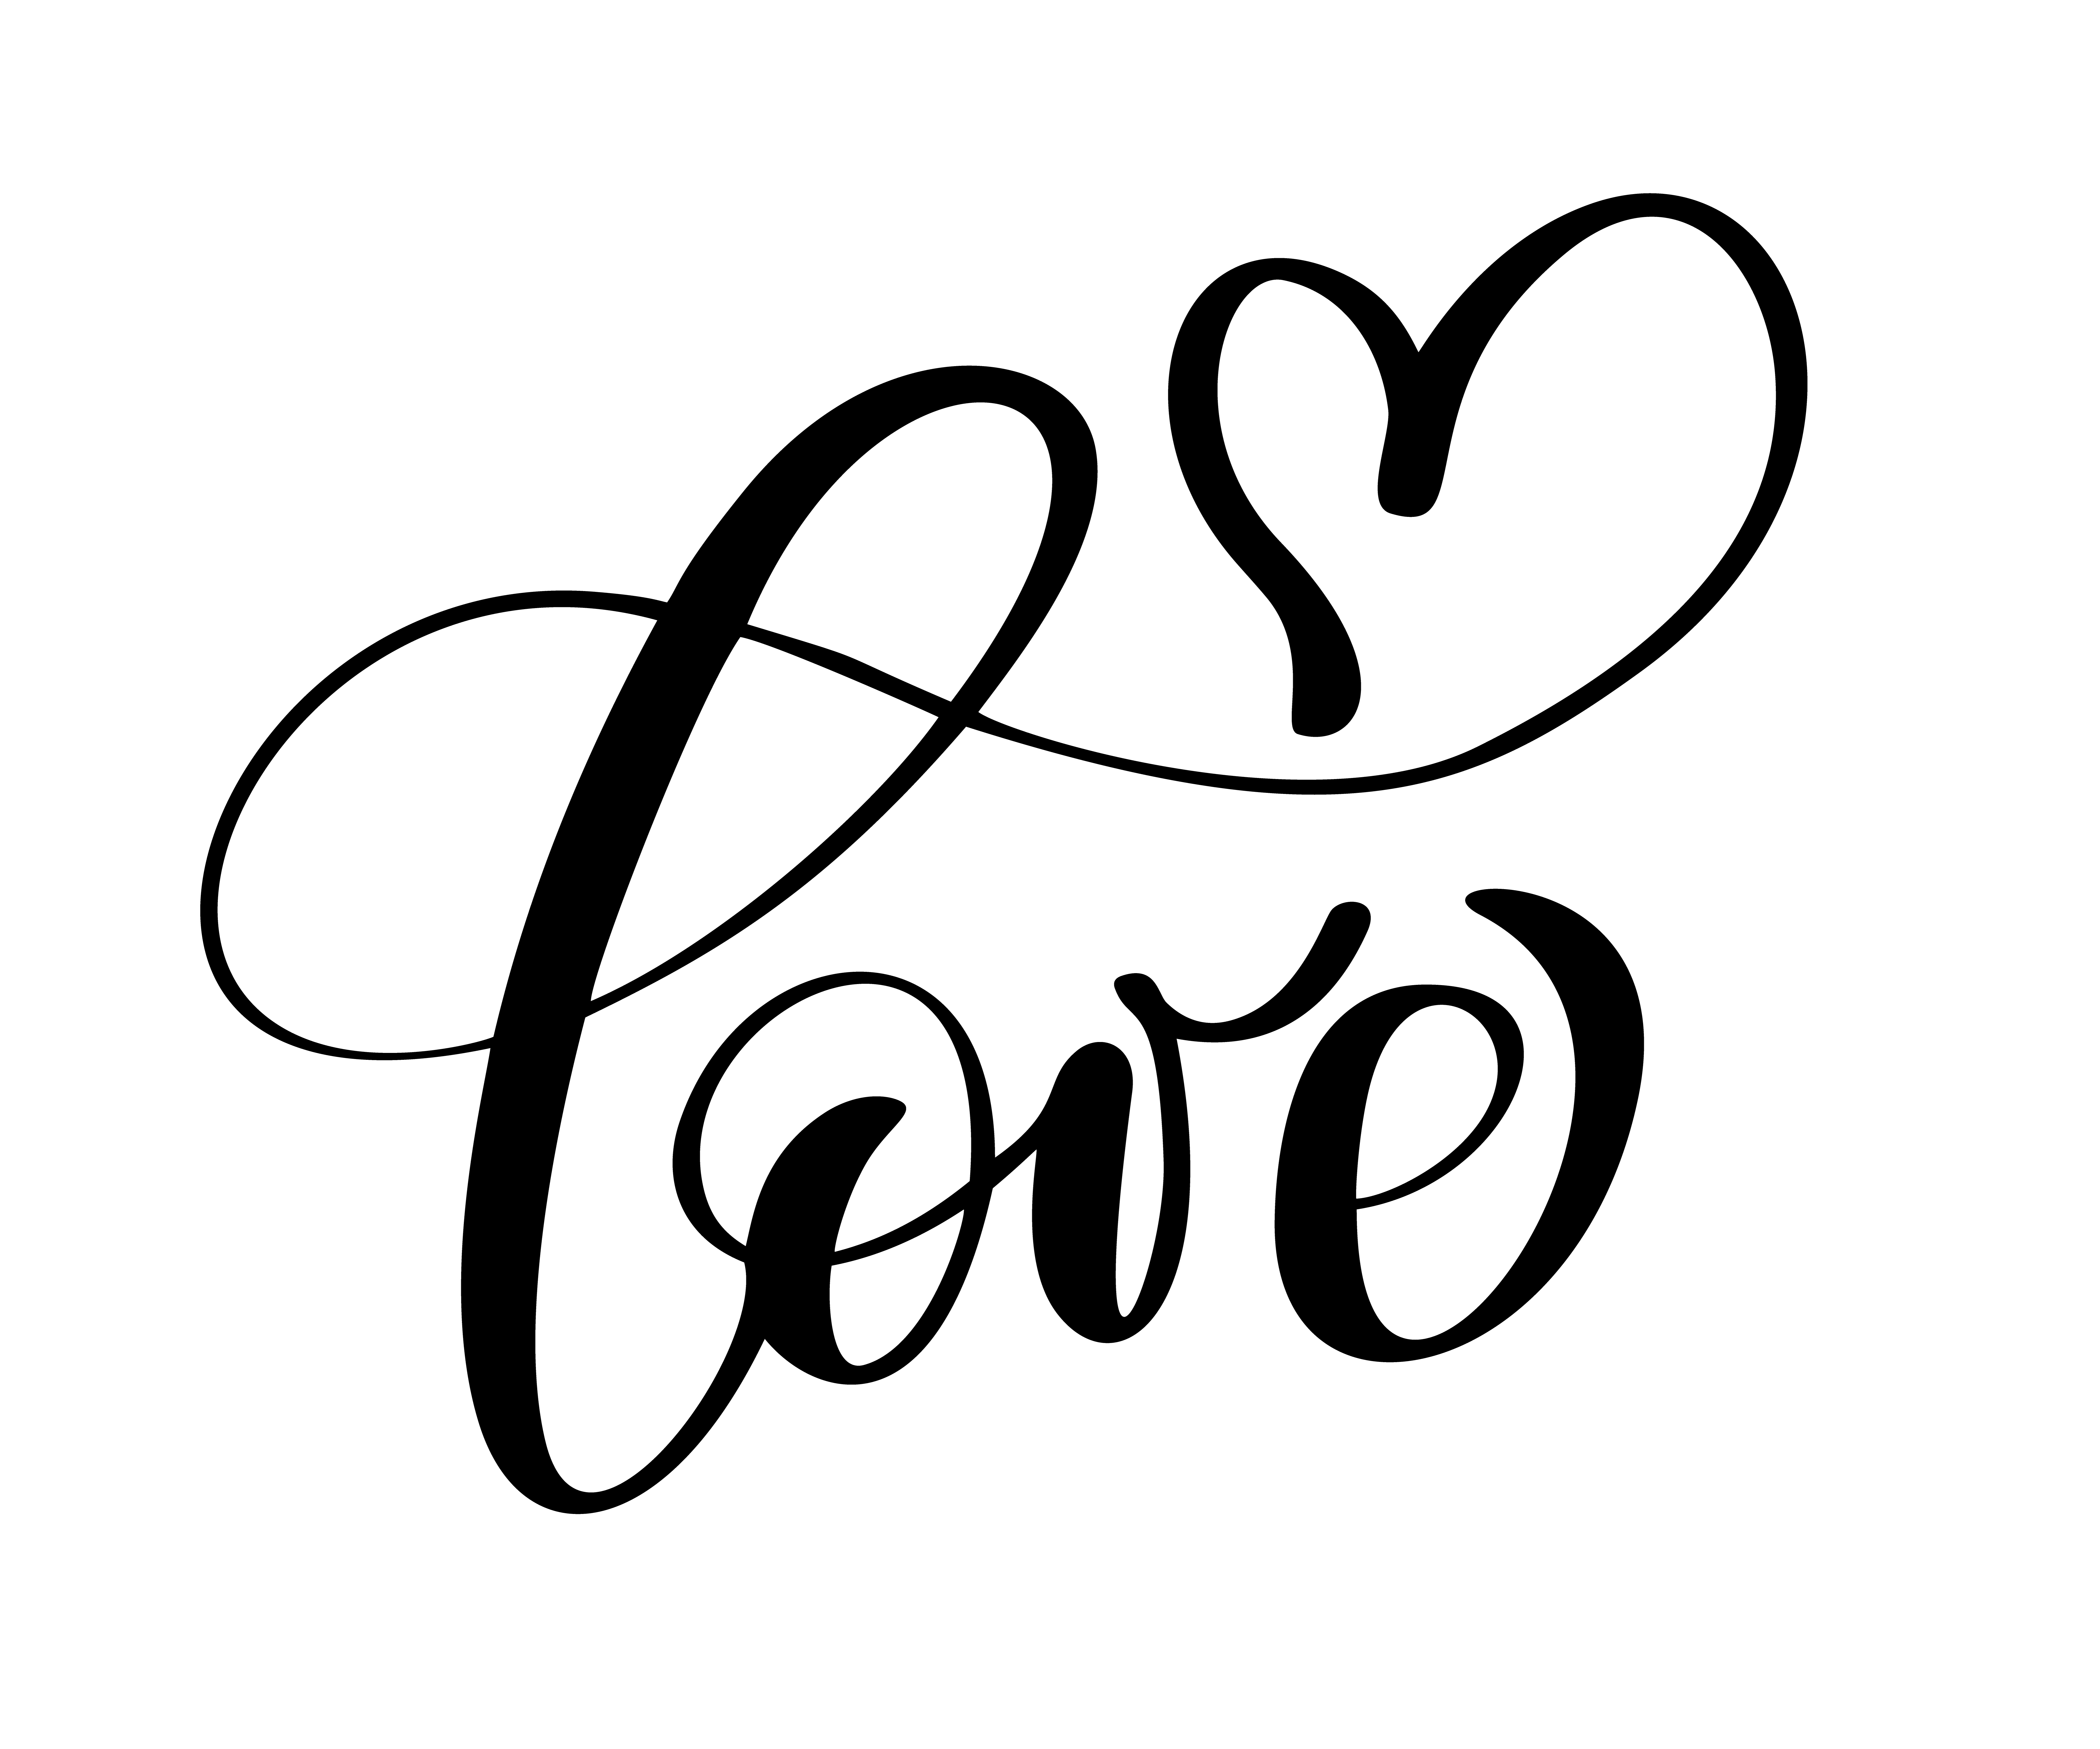 Desenhos De Amor Para Namorado: Handwritten Inscription LOVE And Heart Happy Valentines